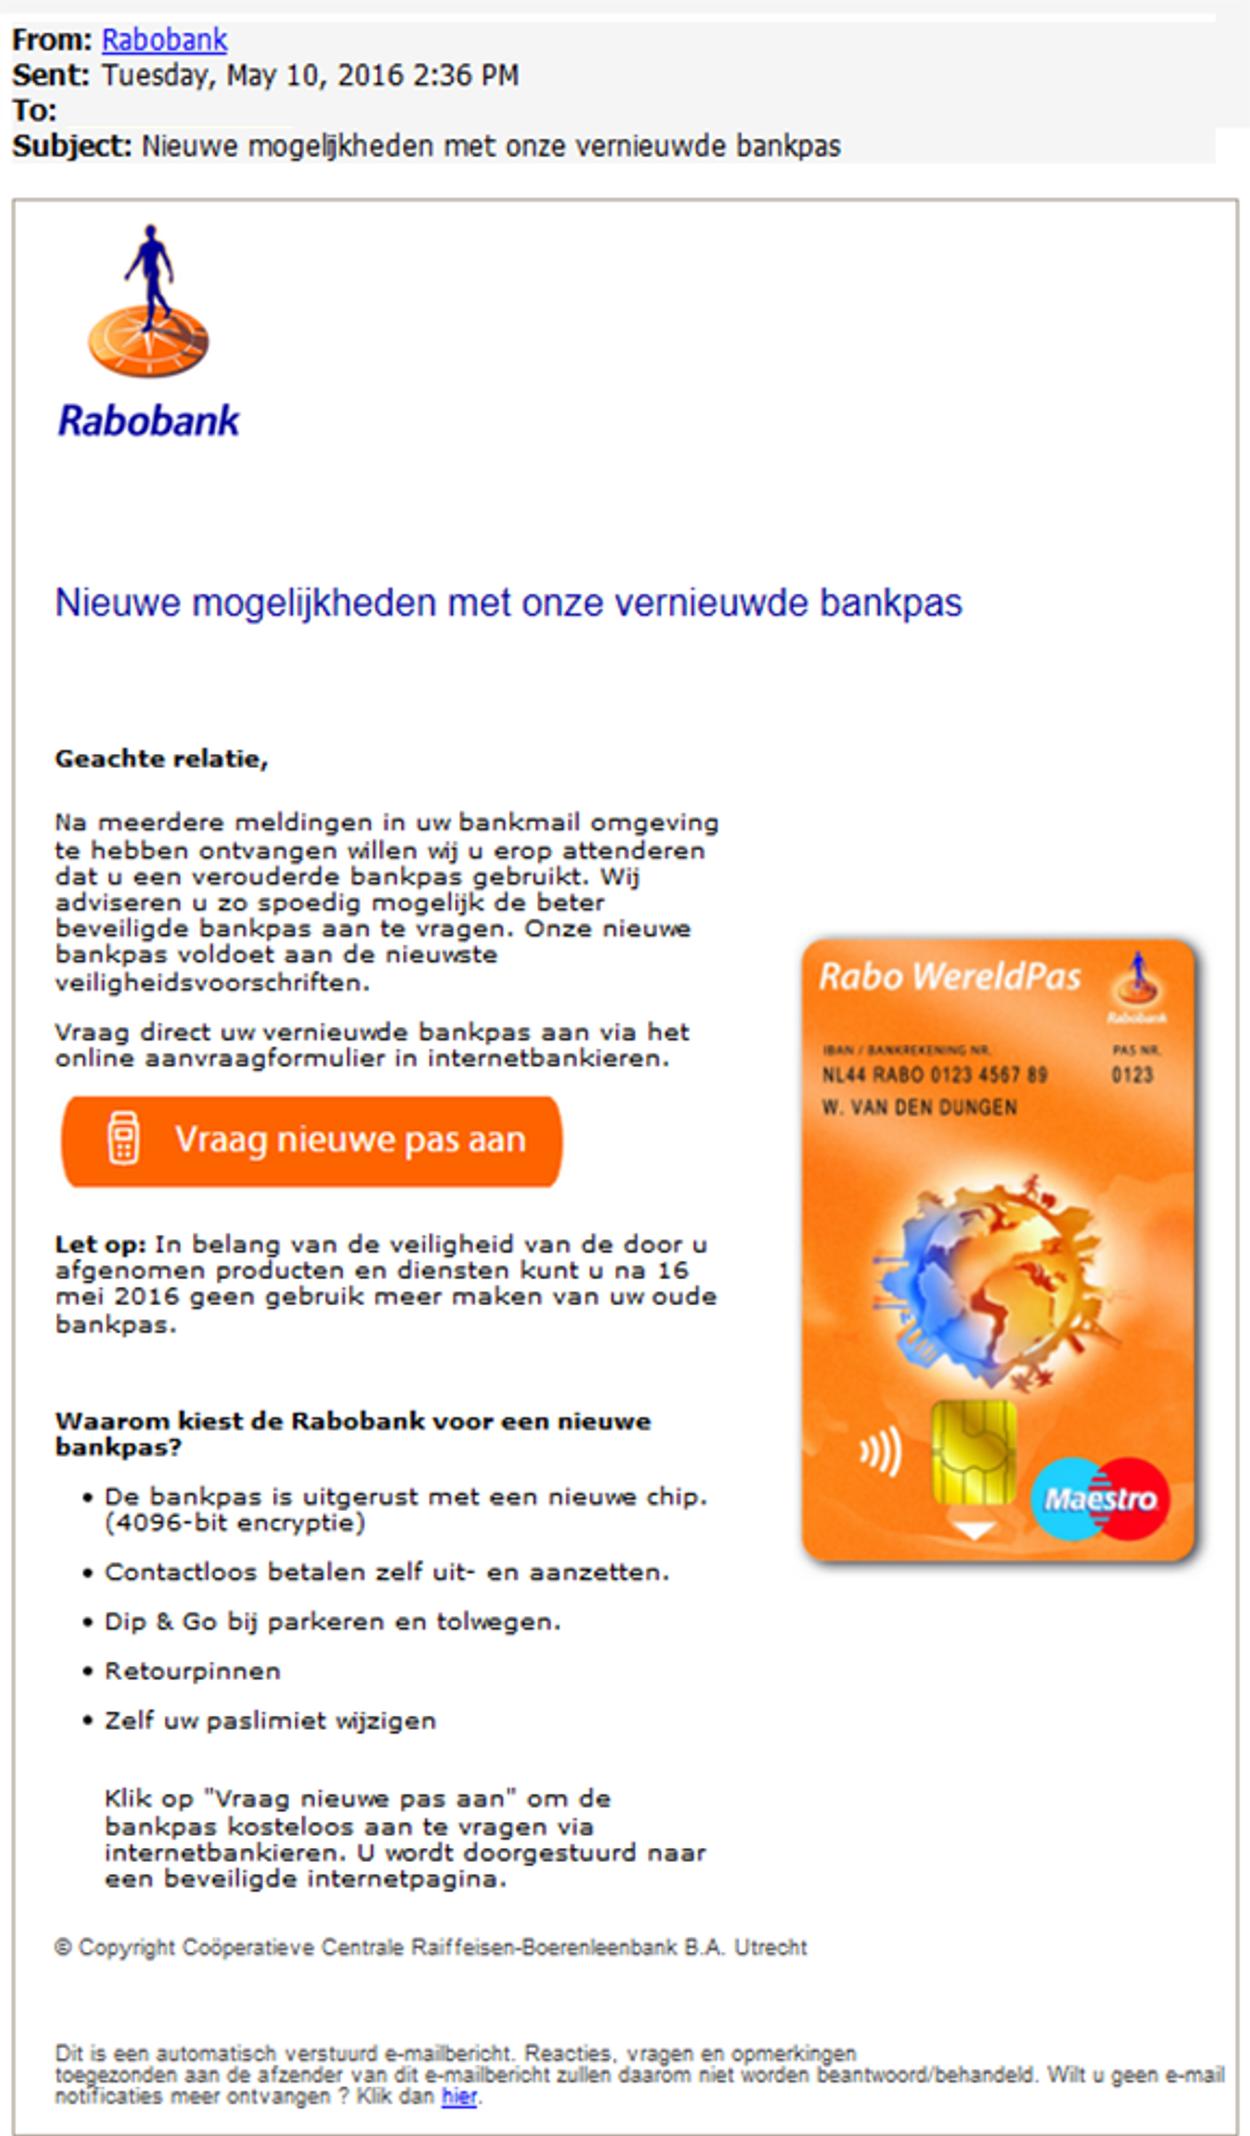 Rabo Nieuwe mogelijkheden met onze vernieuwde bankpas phishing